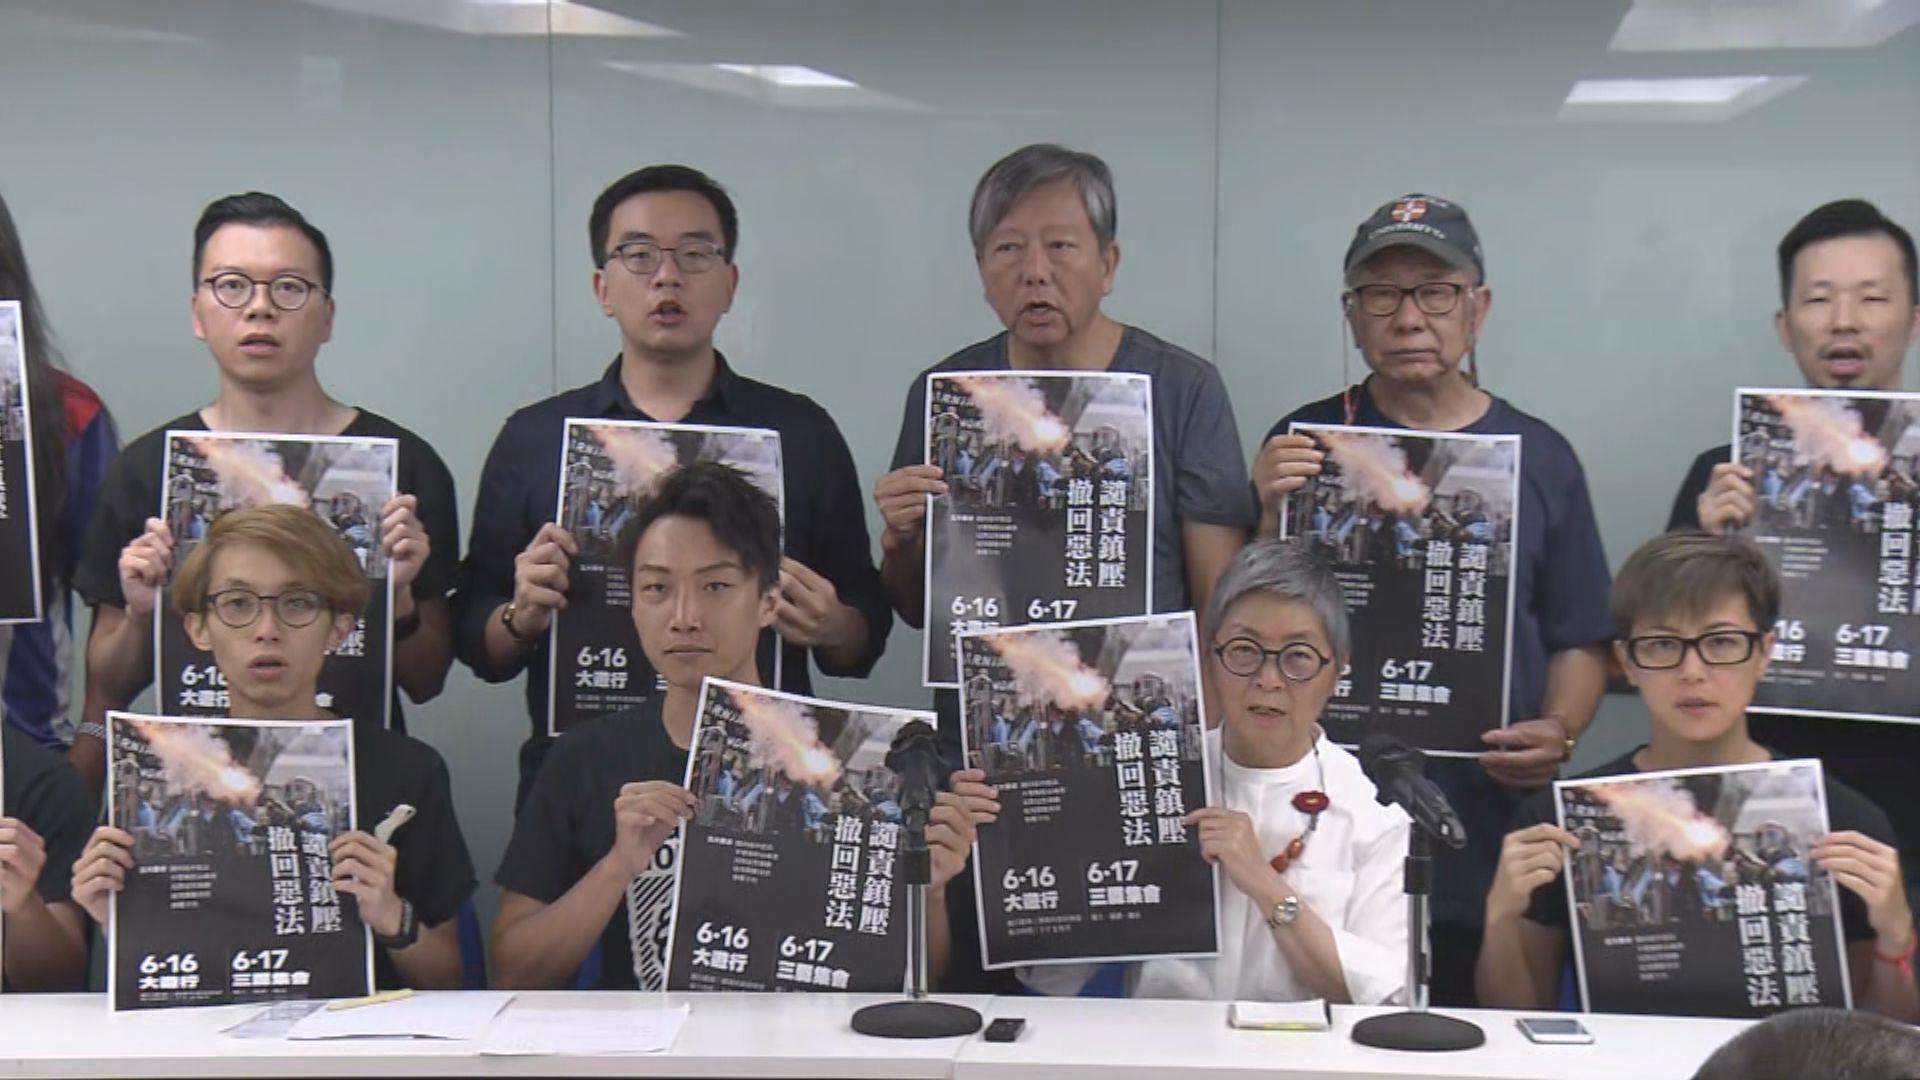 民間成立基金支援示威者提供醫療法律諮詢